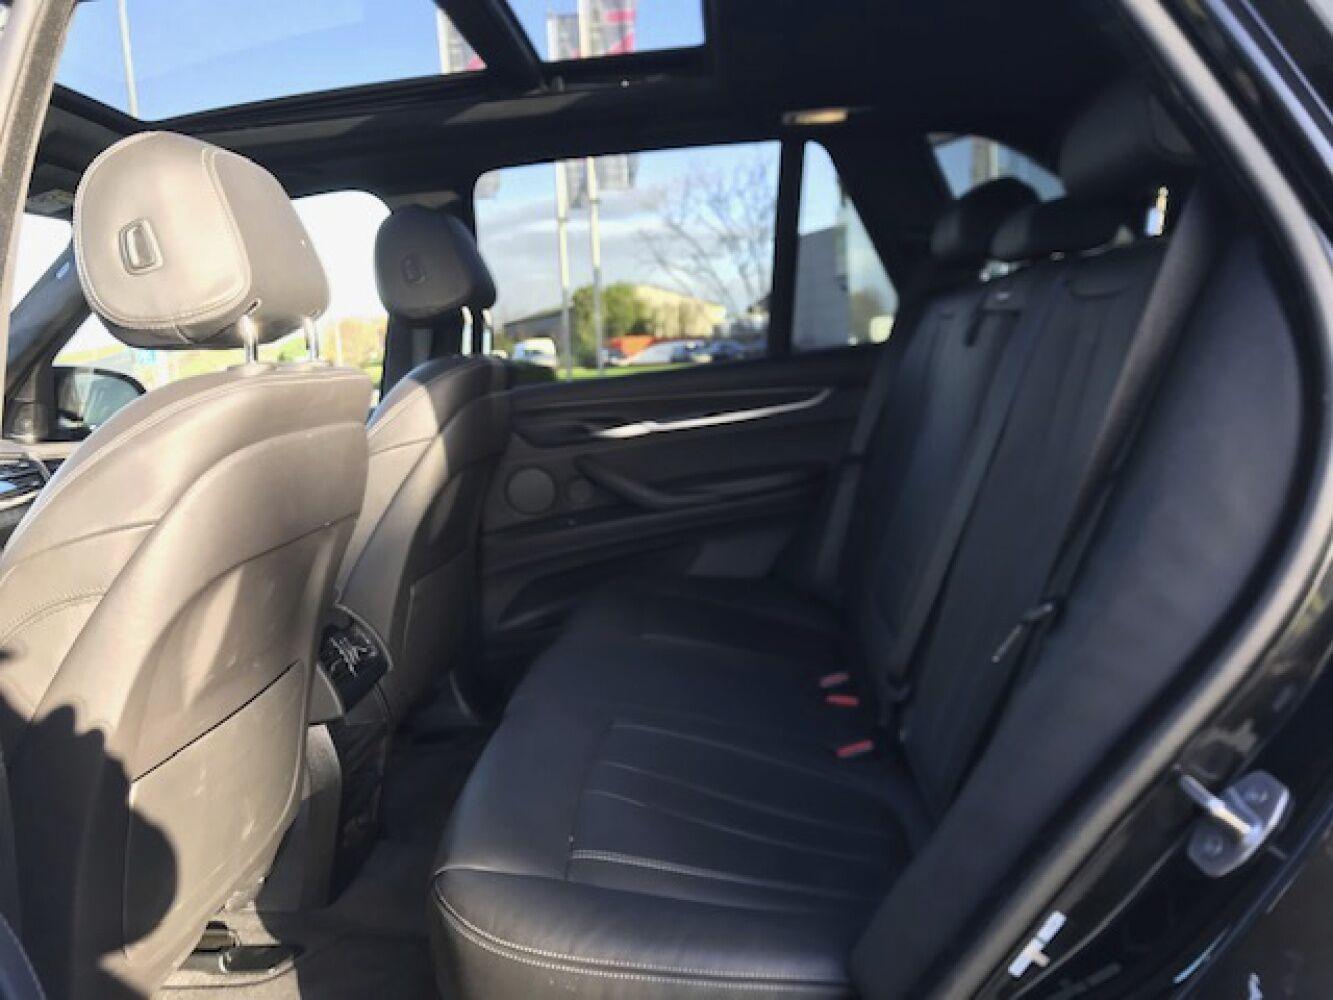 BMW X5 M 9/22